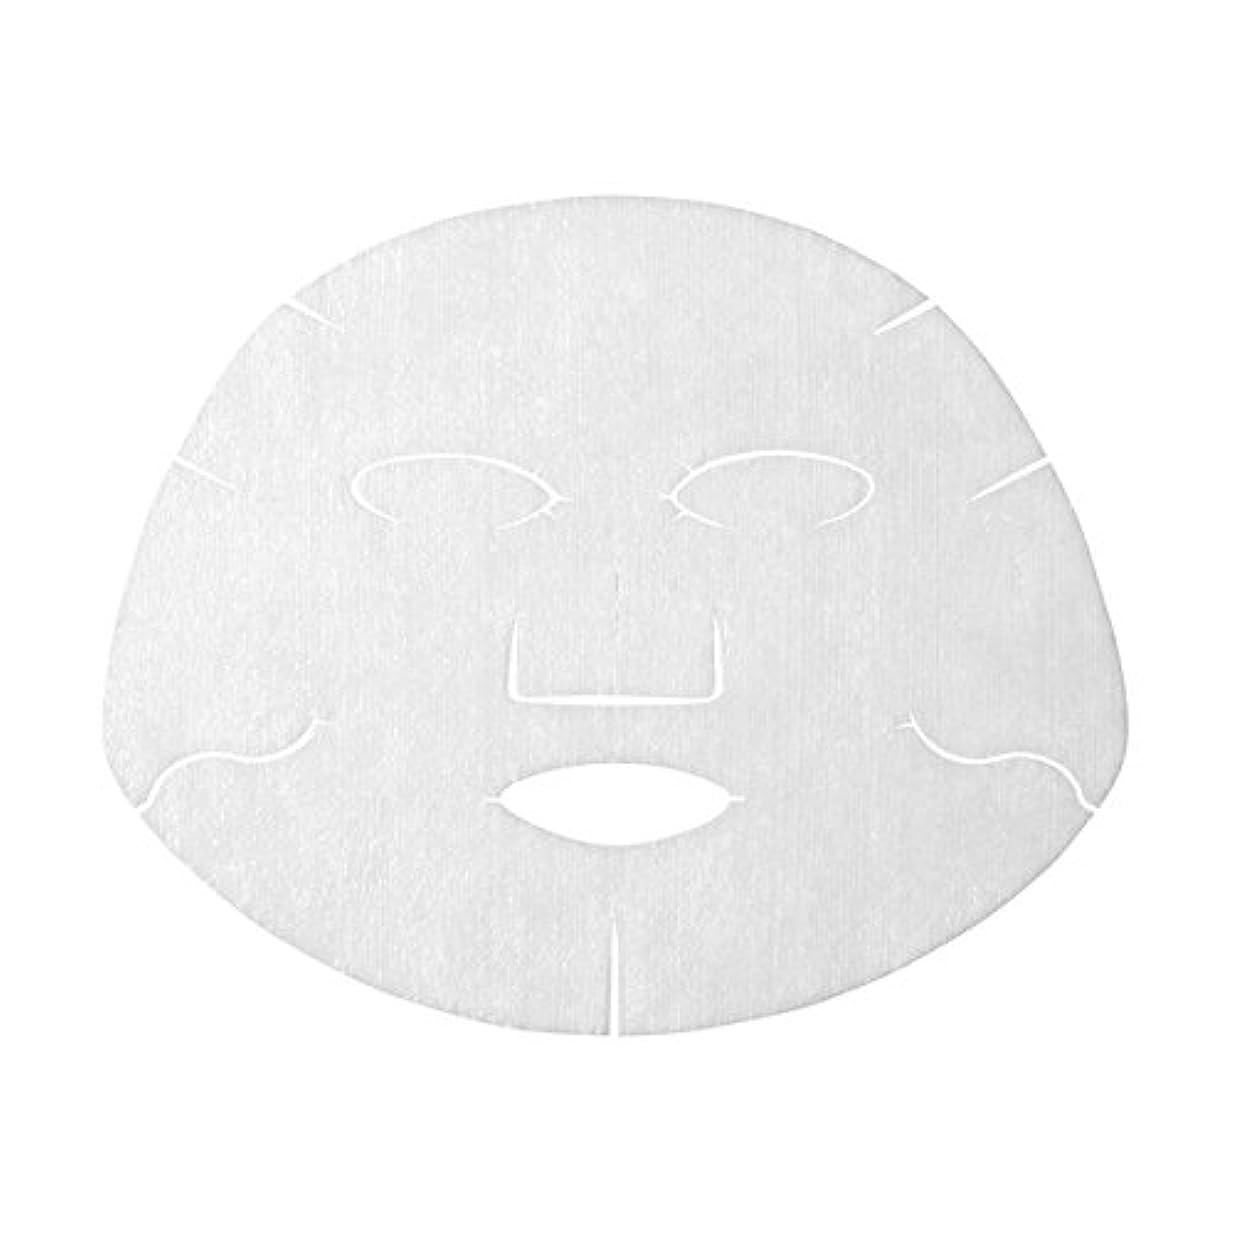 ディスクうぬぼれポータルアクアレーベル モイストチャージマスク <1枚入り> 23mLX1枚